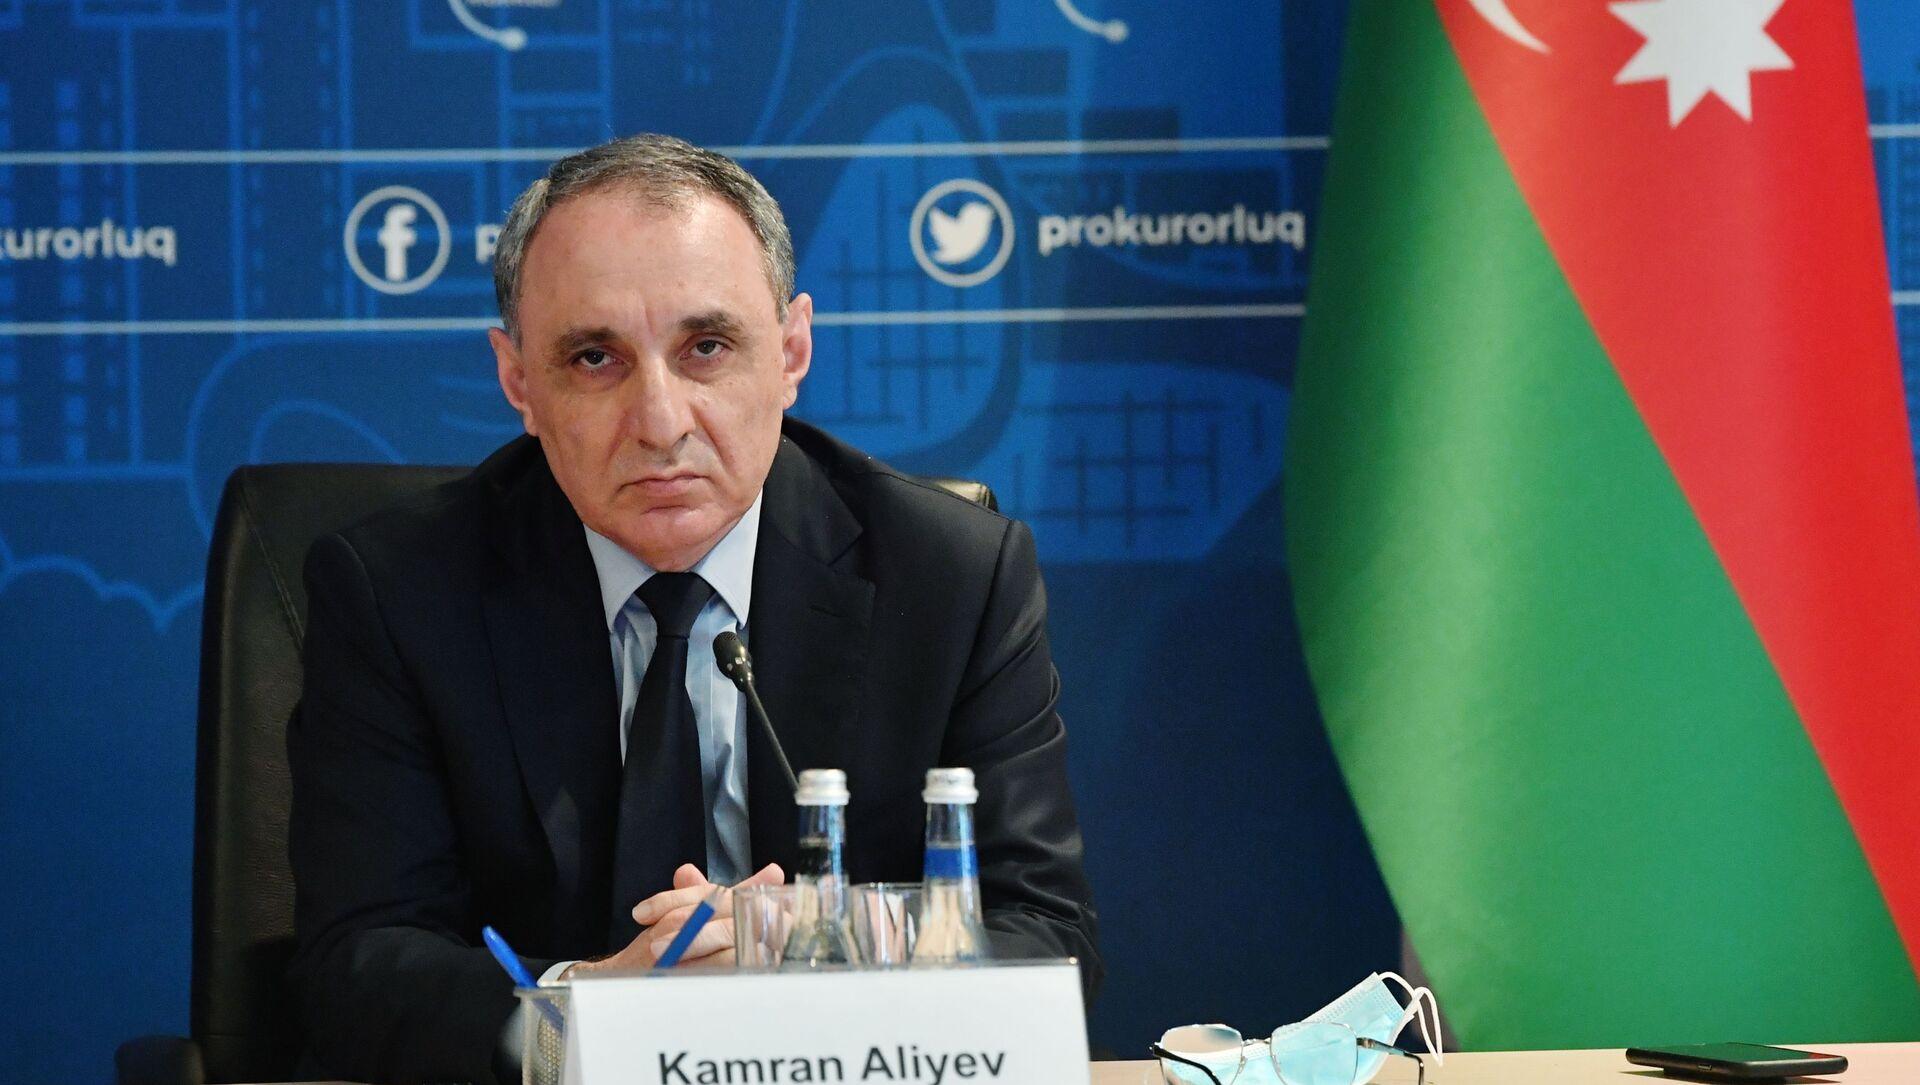 Генеральный прокурор АР Кямран Алиев, фото из архива  - Sputnik Azərbaycan, 1920, 10.05.2021